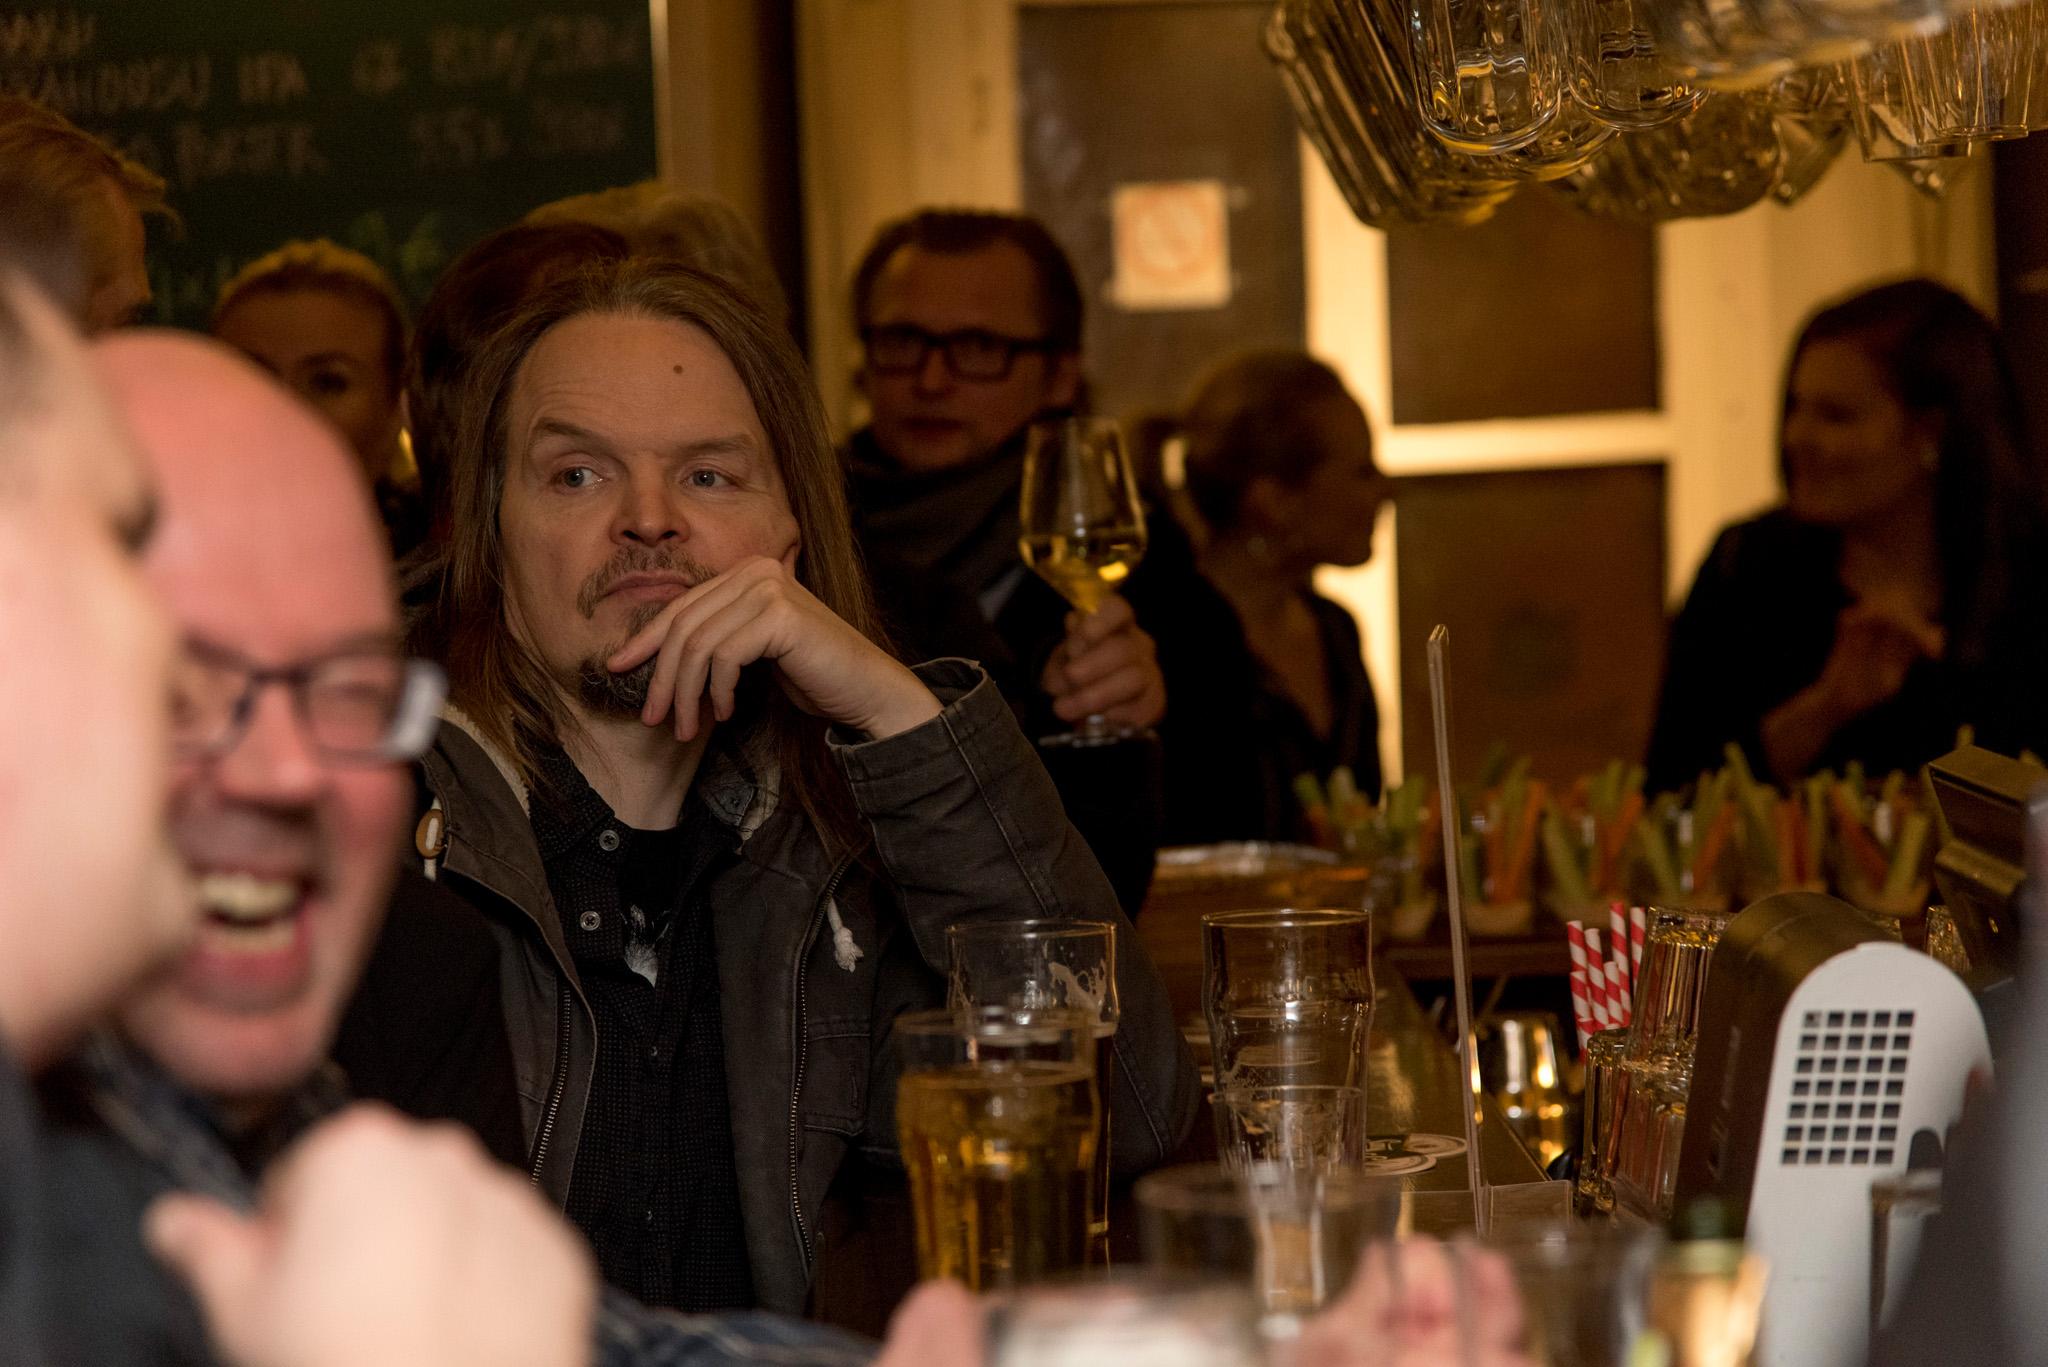 Kaarlenpäivät 2018. Oulu. 2.2.2018.